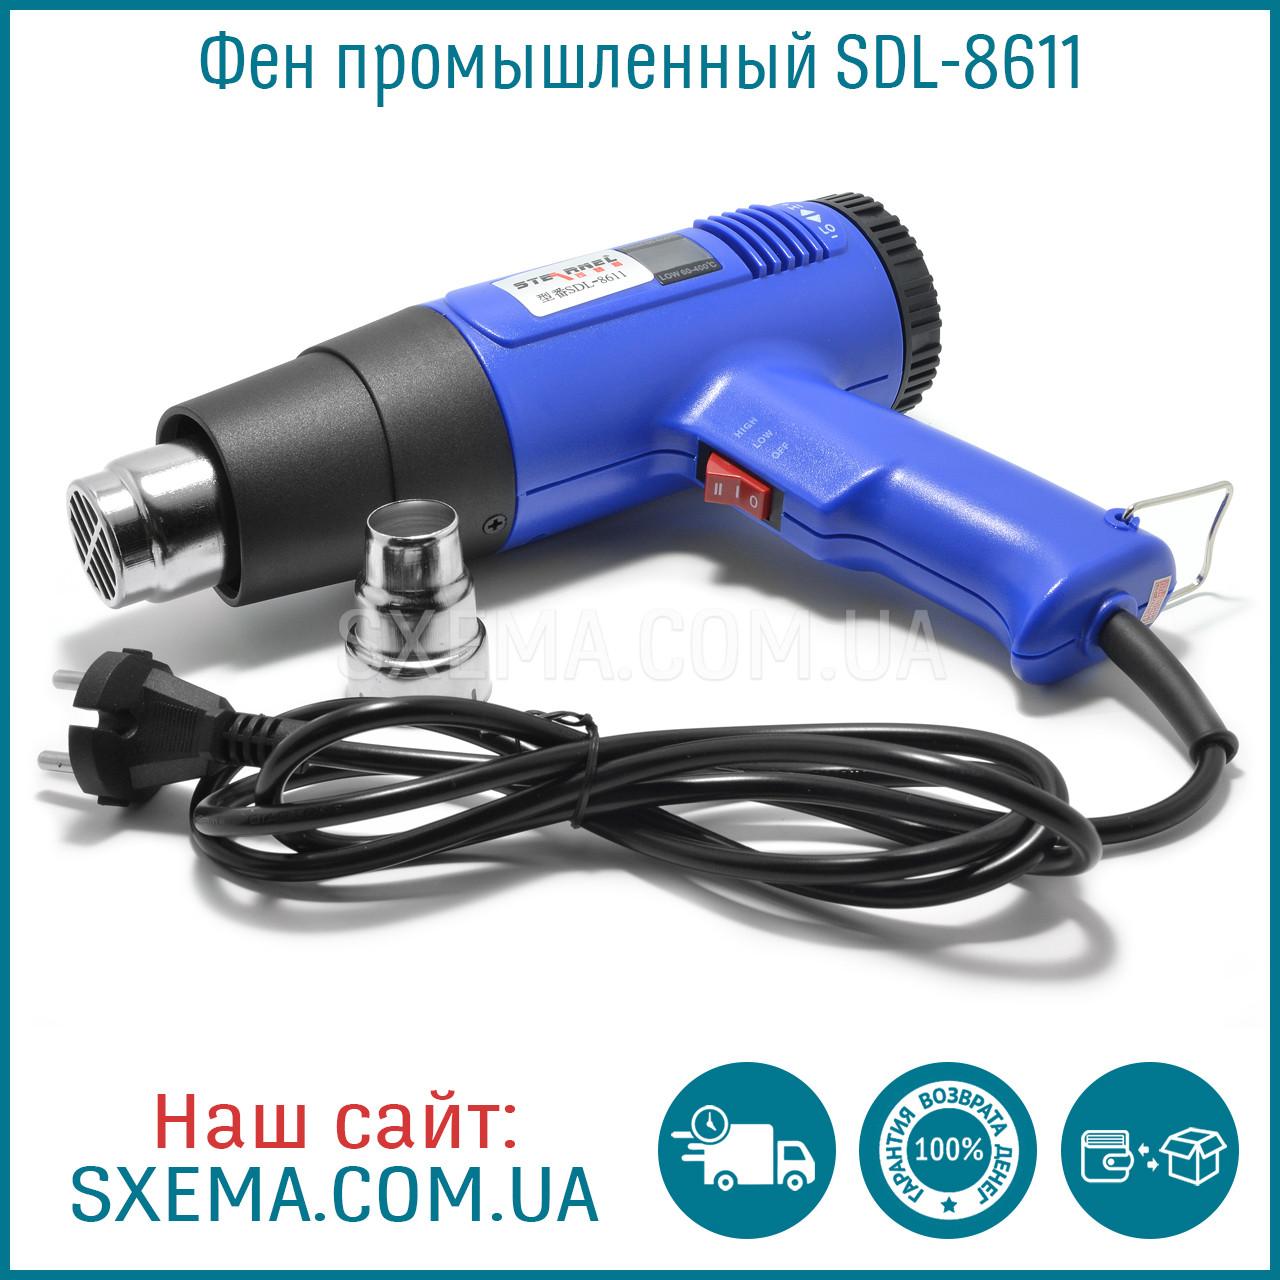 Фен строительный, технический SDL-8611 c дисплеем, фото 1